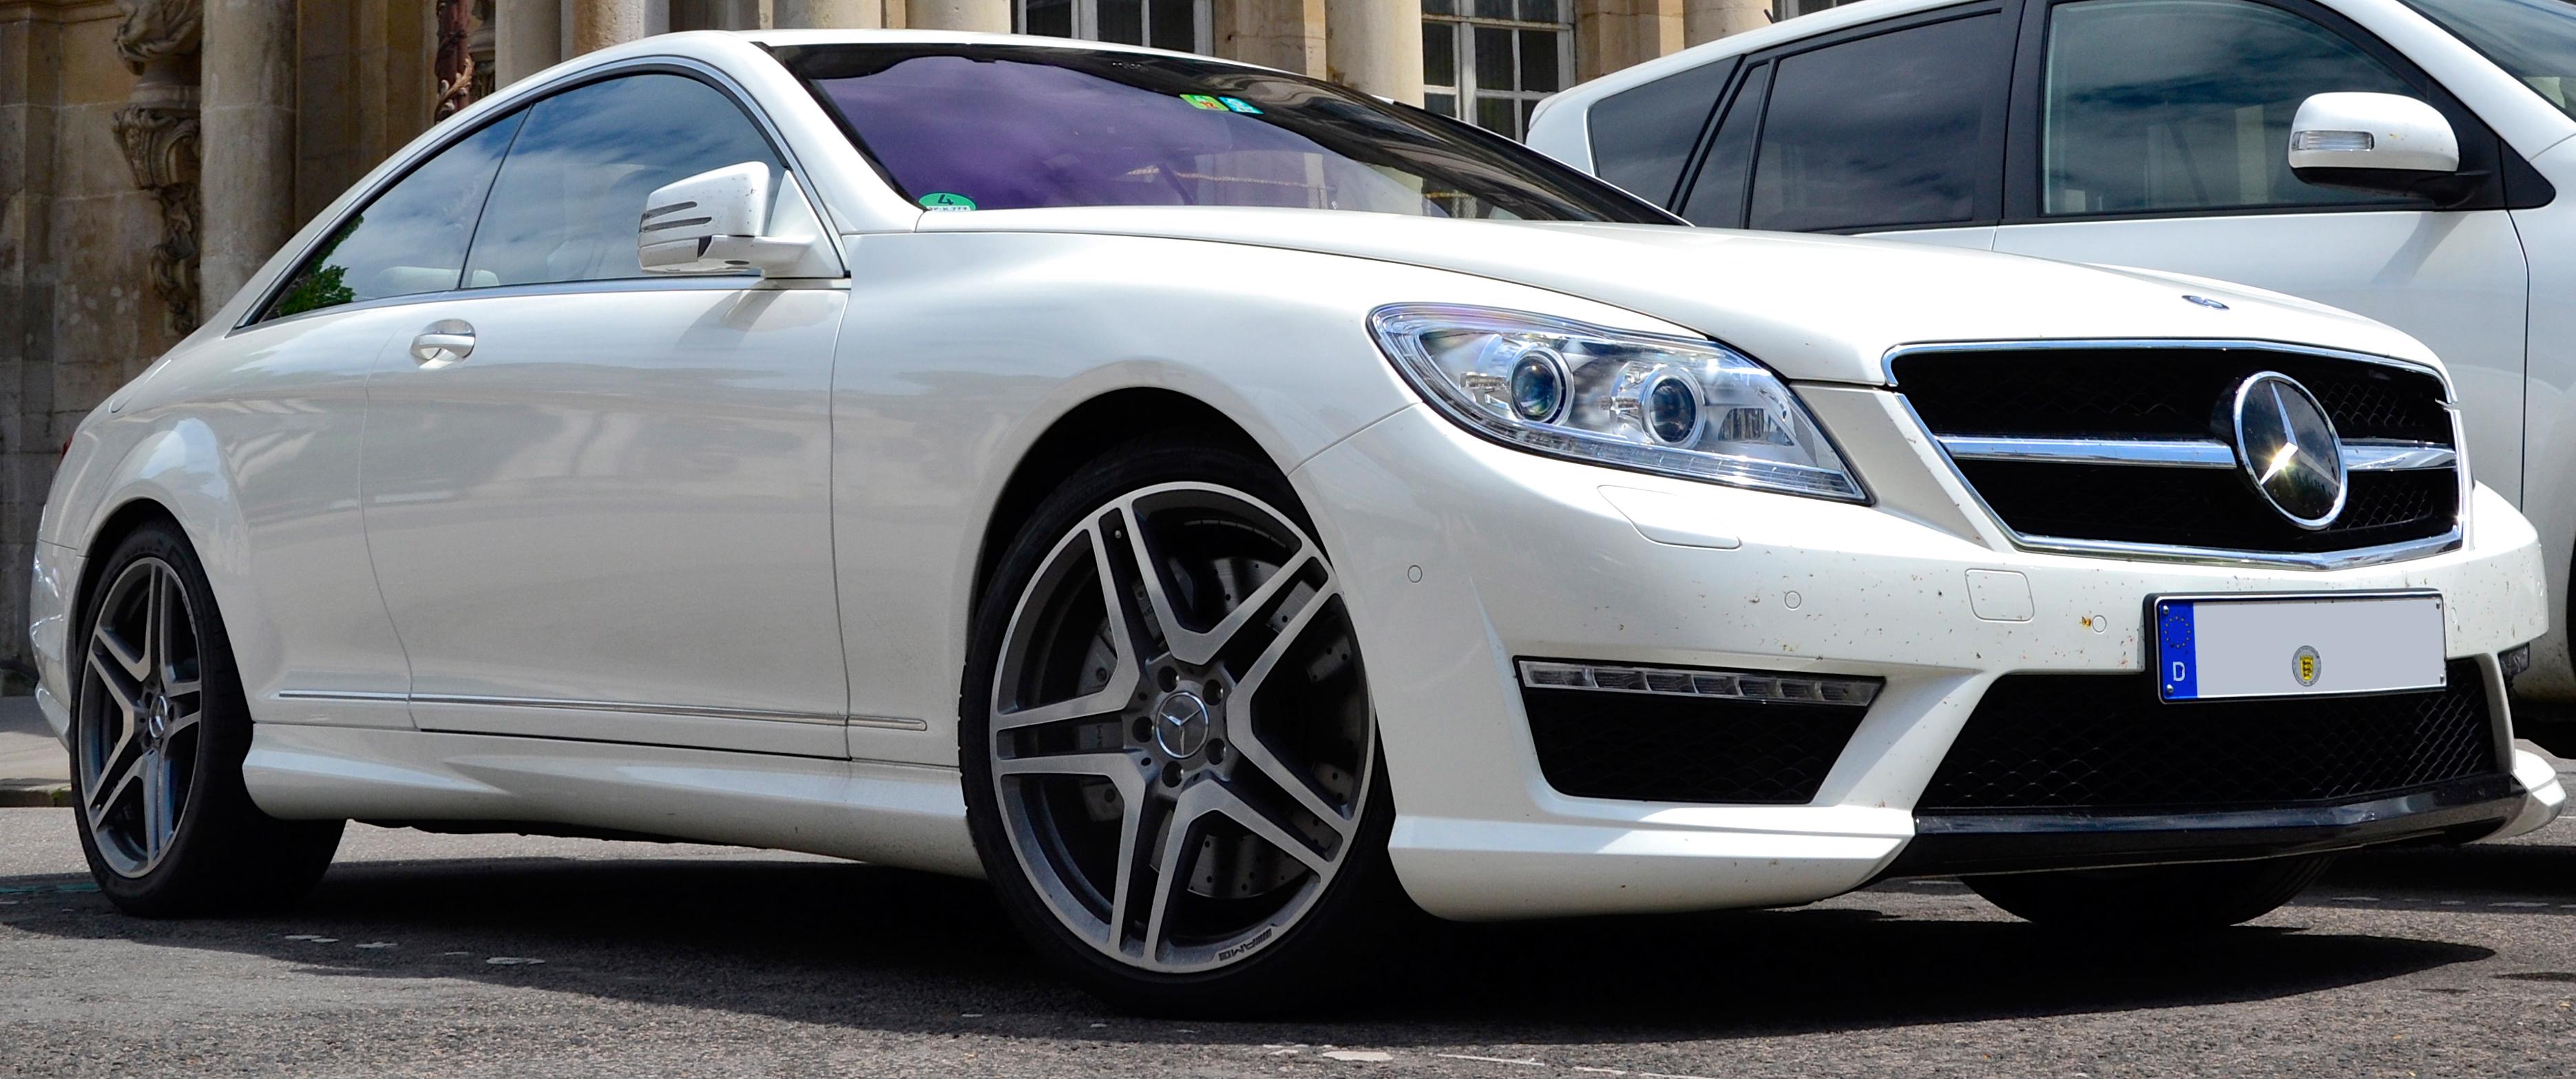 Filemercedes Benz Cl63 Amg Flickr Alexandre Prvot 6 Cropped Mercedes